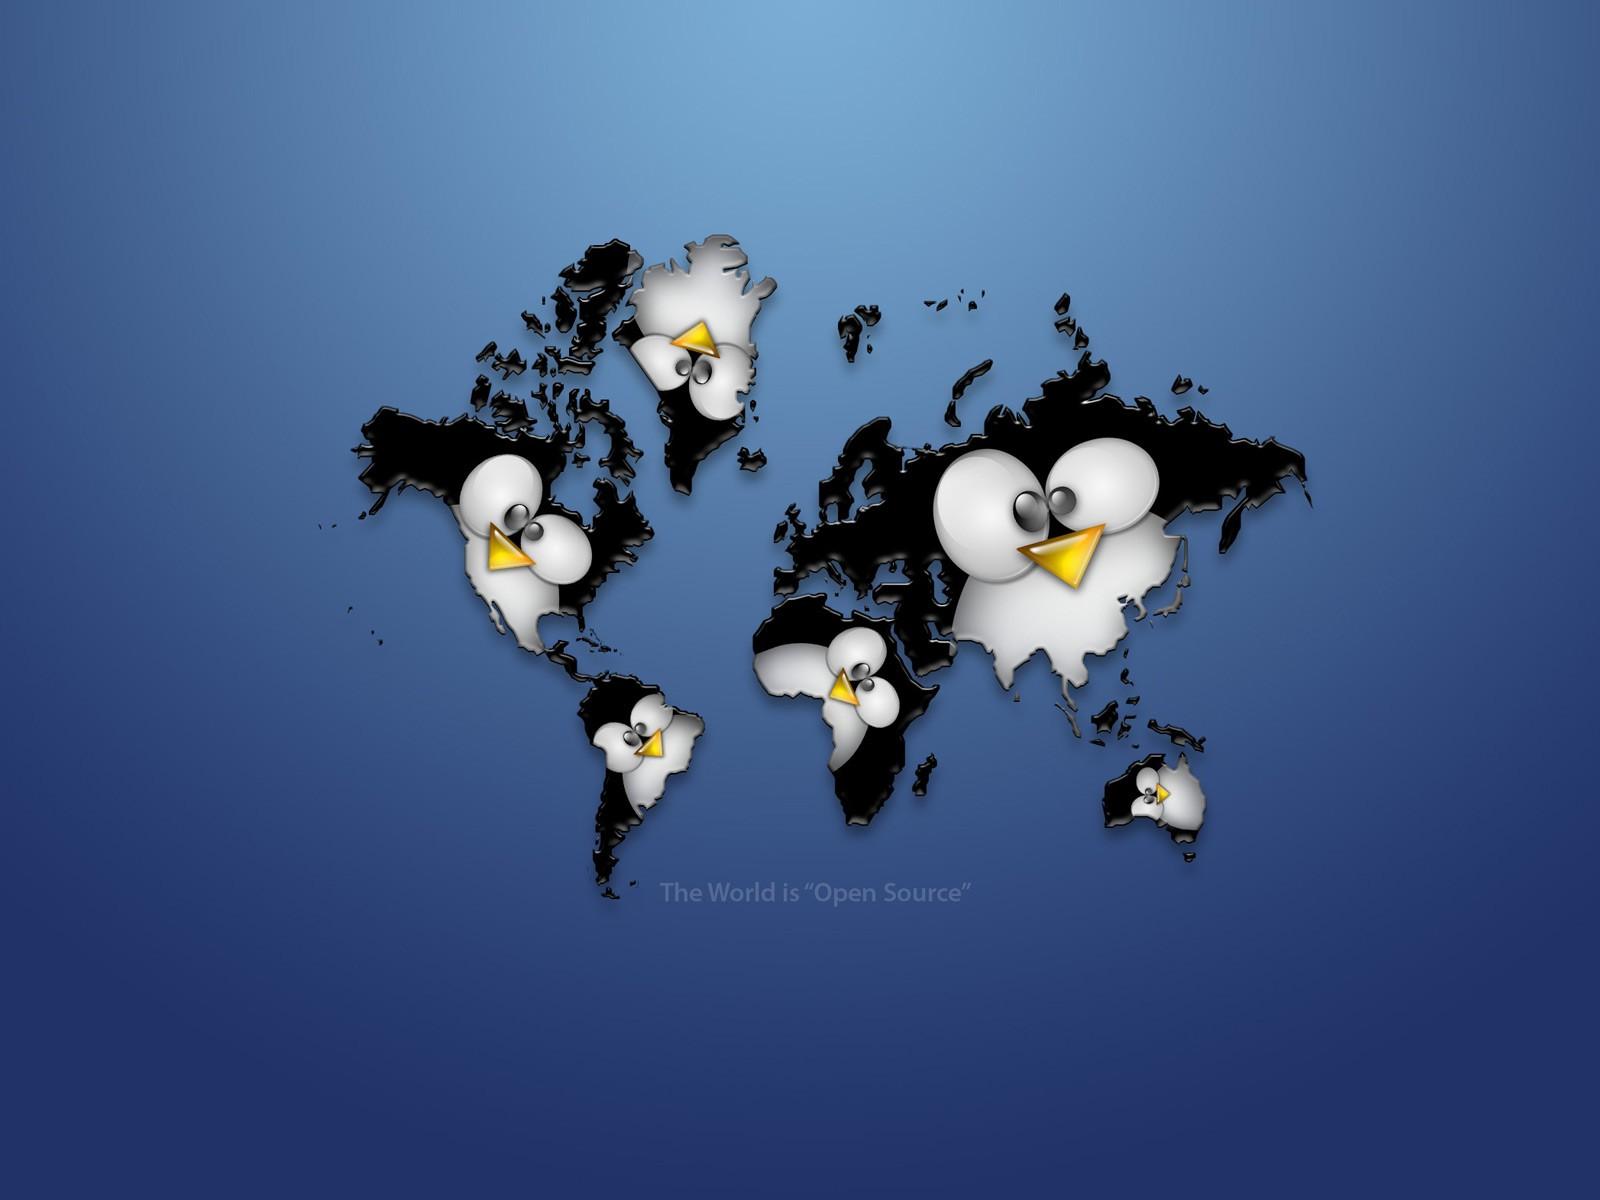 ¿Y si el mundo fuese linuxero?